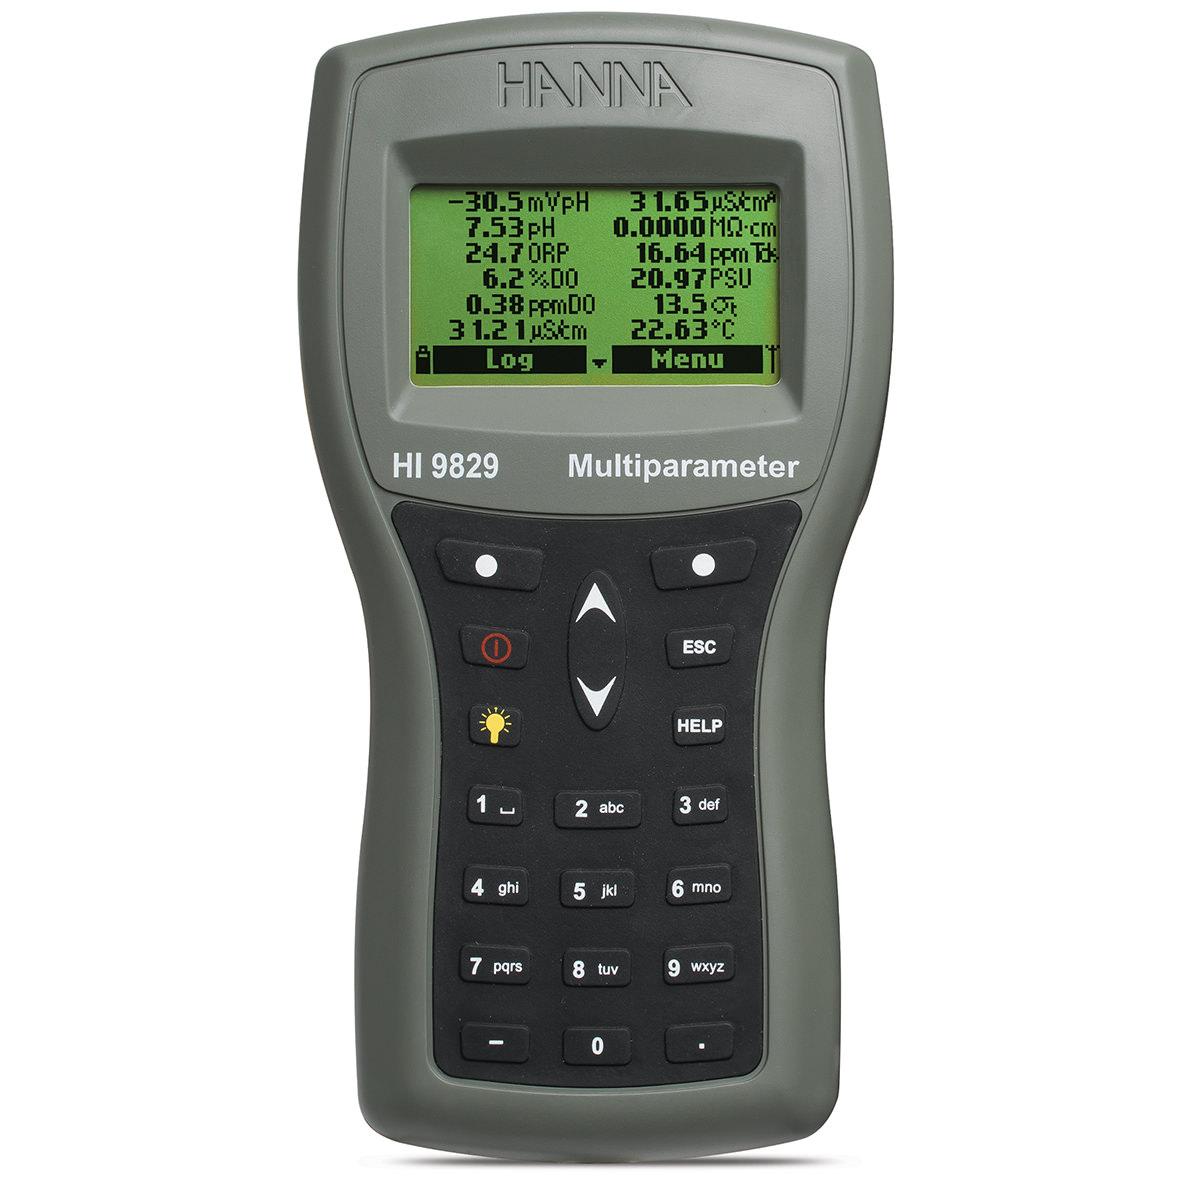 Medidor Multiparámetro Impermeable para pH / ISE / CE / OD / Turbidez con Opción de GPS - HI9829